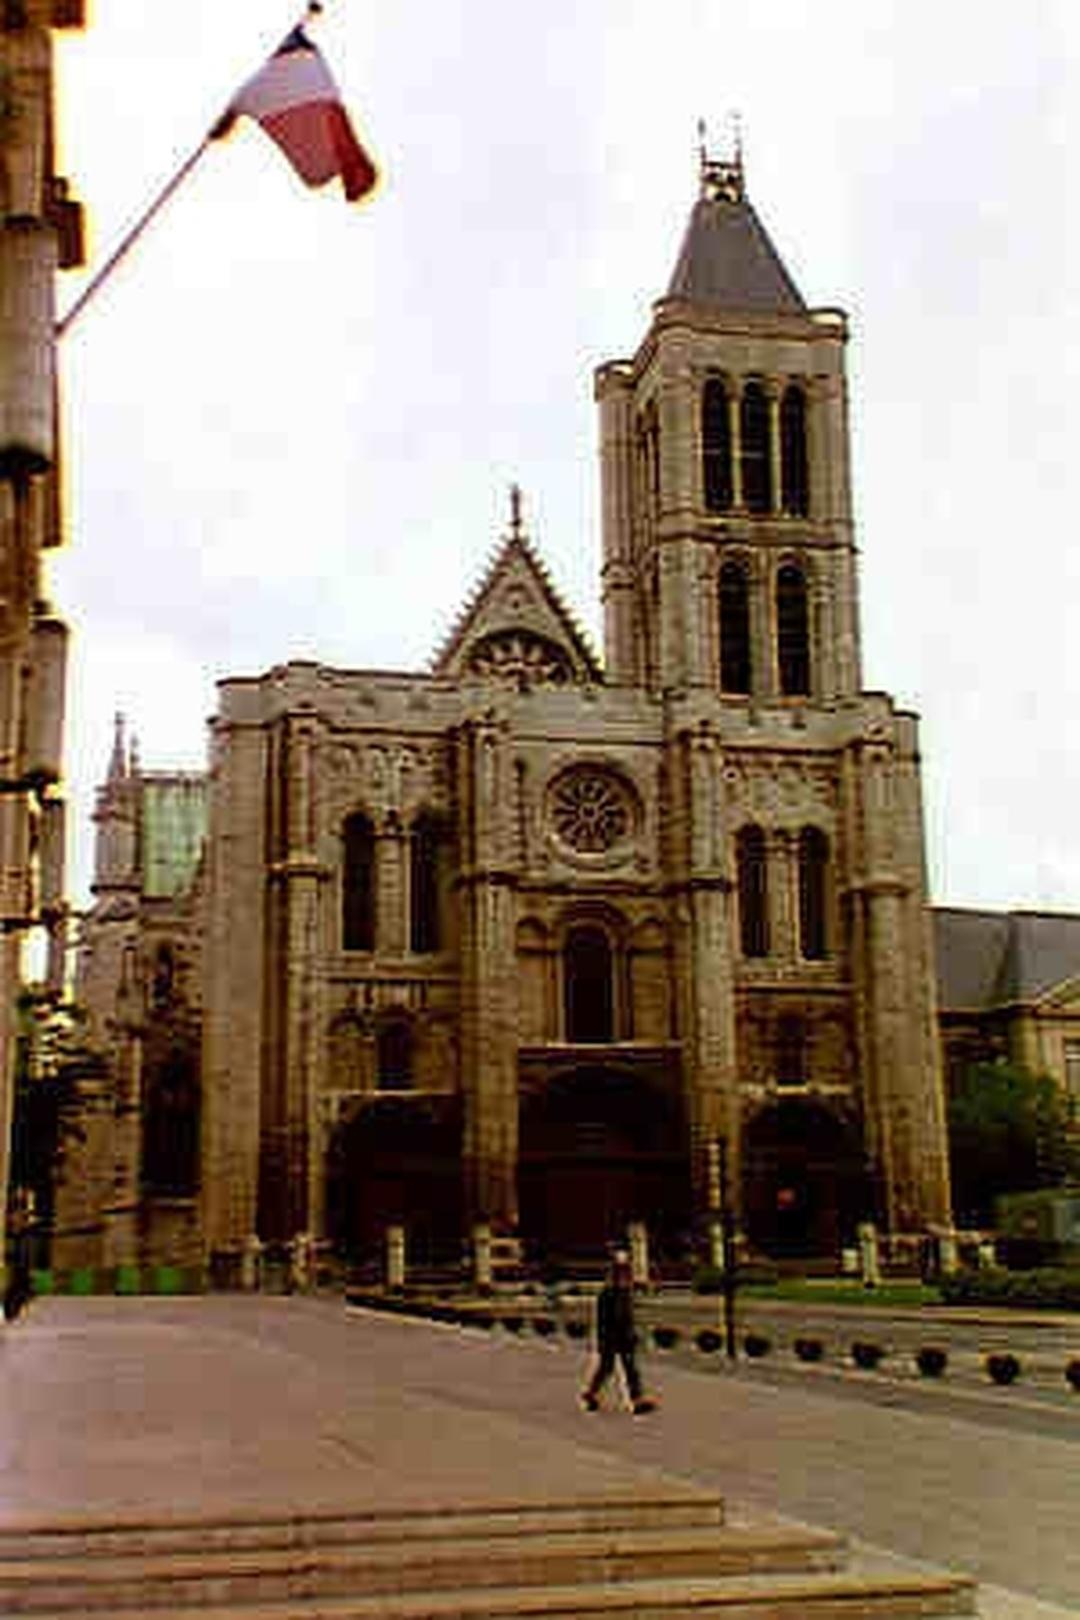 Photo du 5 février 2016 18:48, Basilique Cathédrale de Saint-Denis, 1 Rue de la Légion d'Honneur, 93200 Saint-Denis, France